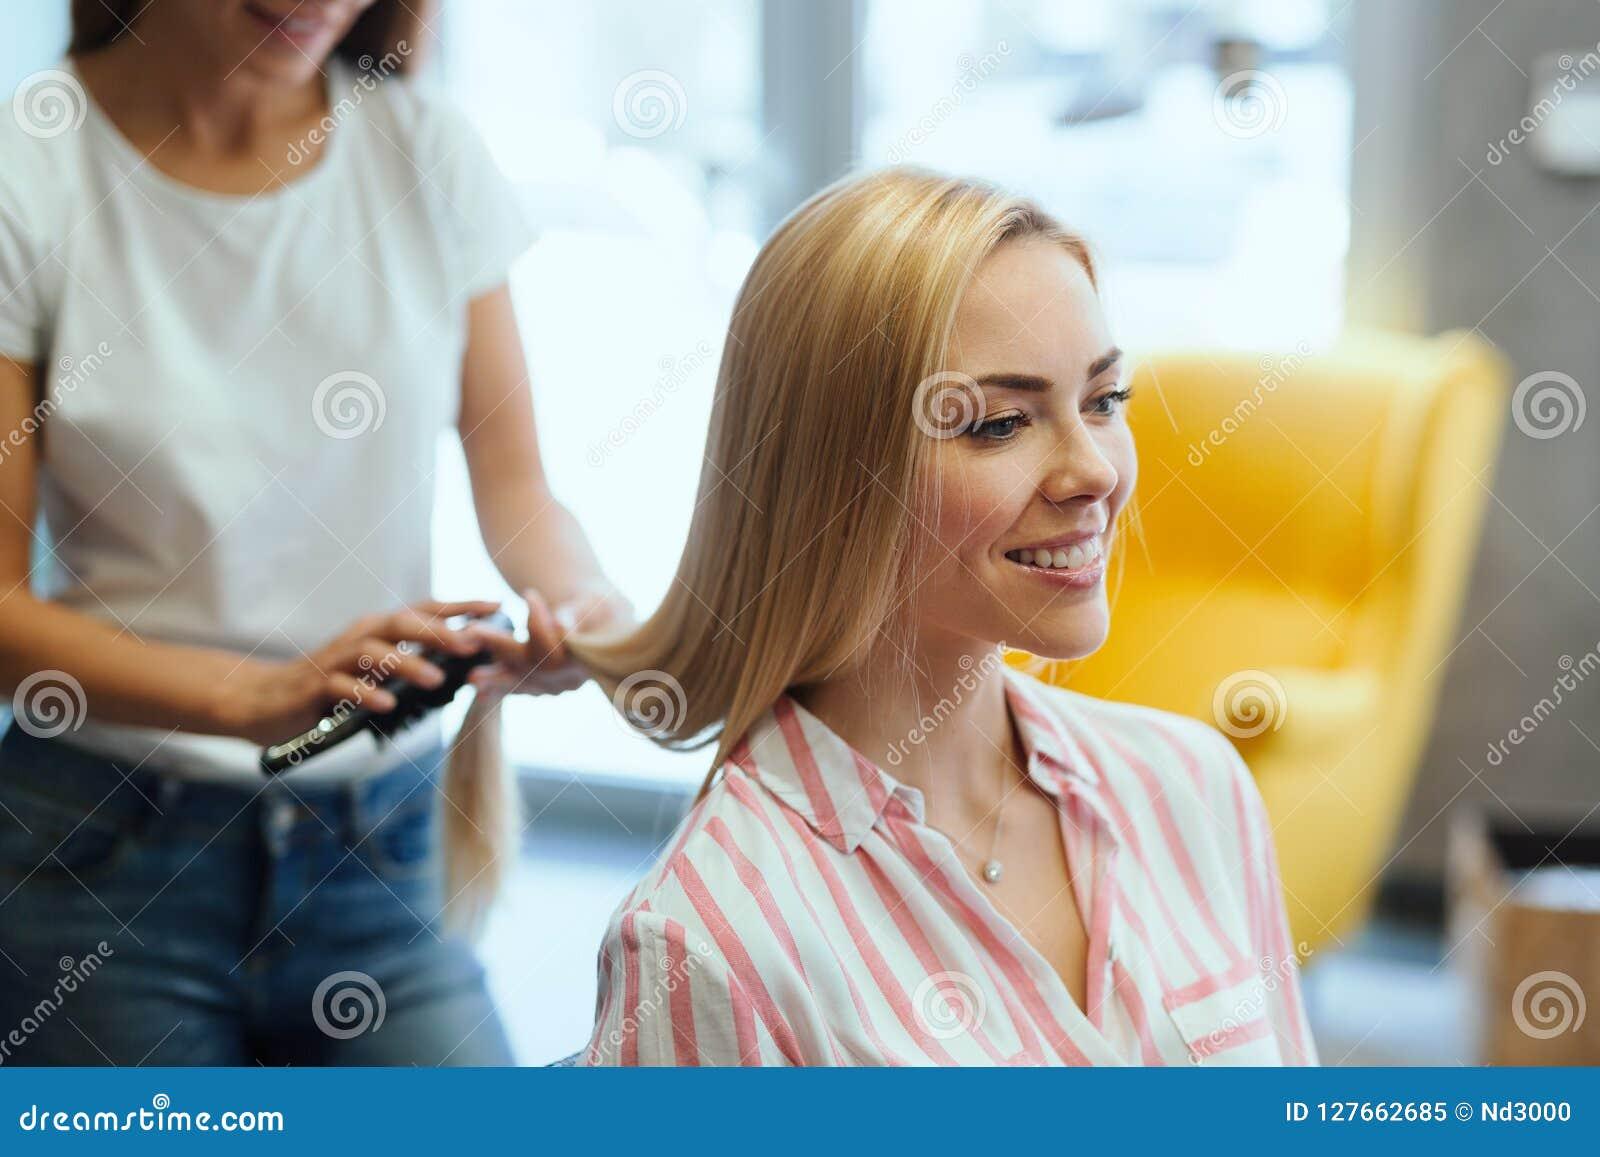 Parrucchiere che fa taglio di capelli per le donne nel salone di lavoro di parrucchiere